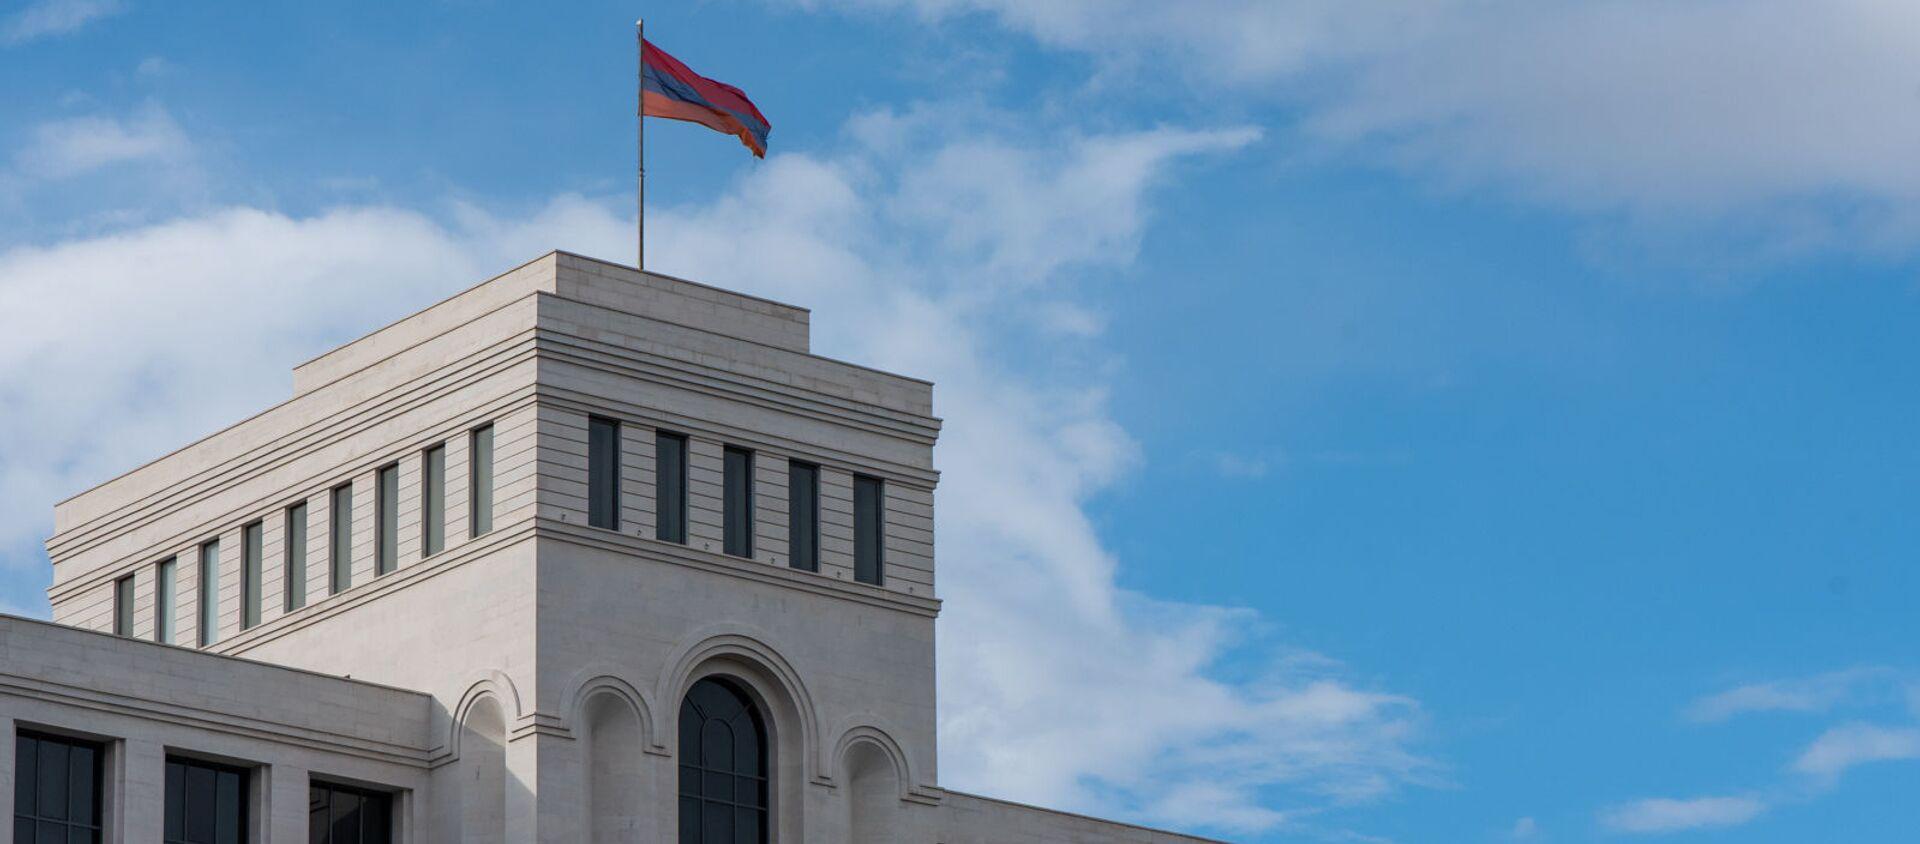 Здание Министерства иностранных дел Армении - Sputnik Արմենիա, 1920, 16.08.2021